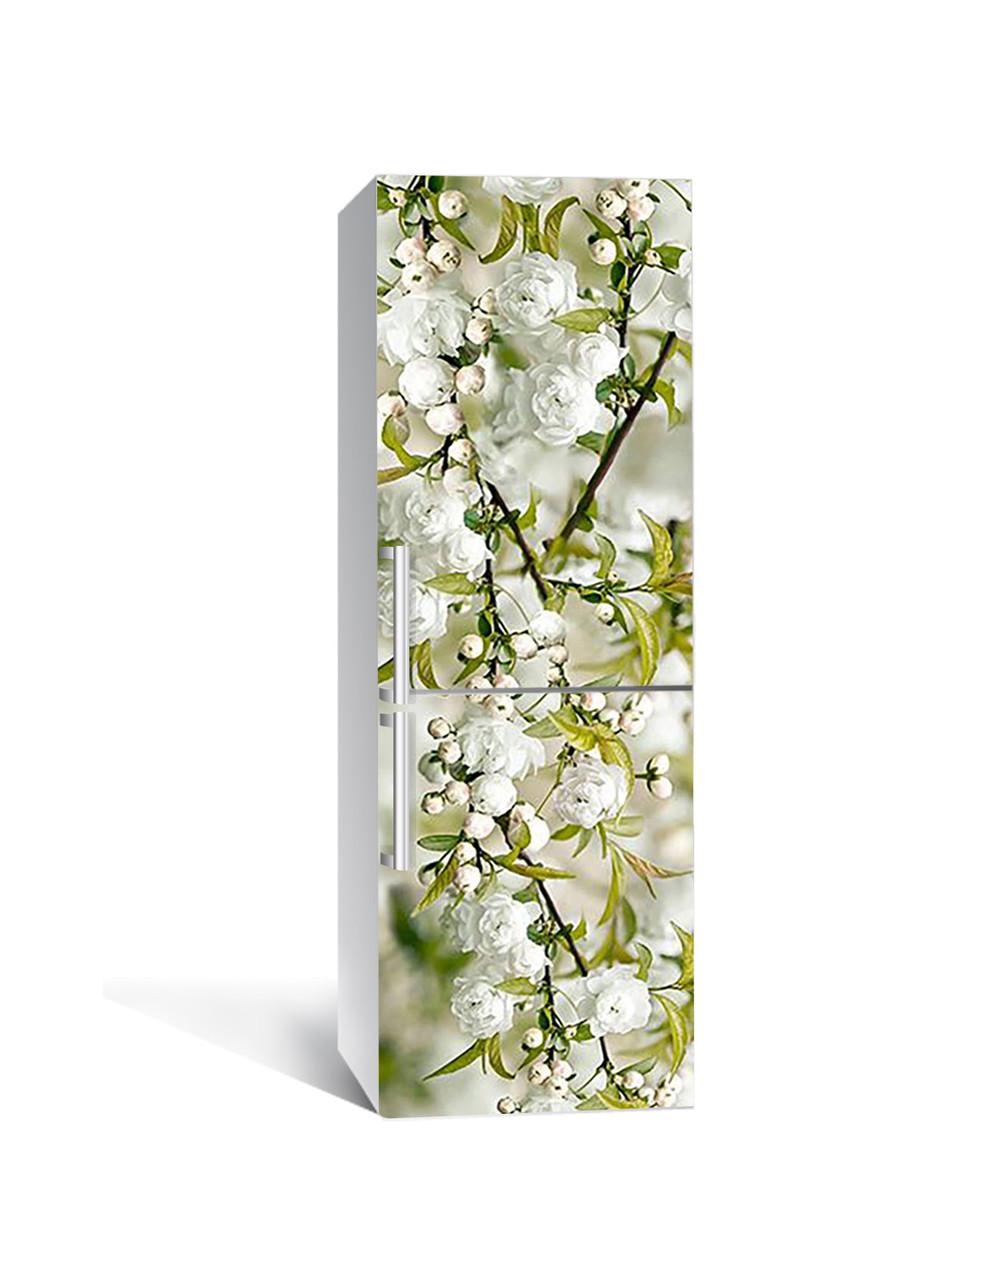 Интерьерная наклейка на холодильник Белая Сакура виниловая пленка самоклеющаяся цветущие ветки вишни Зеленый